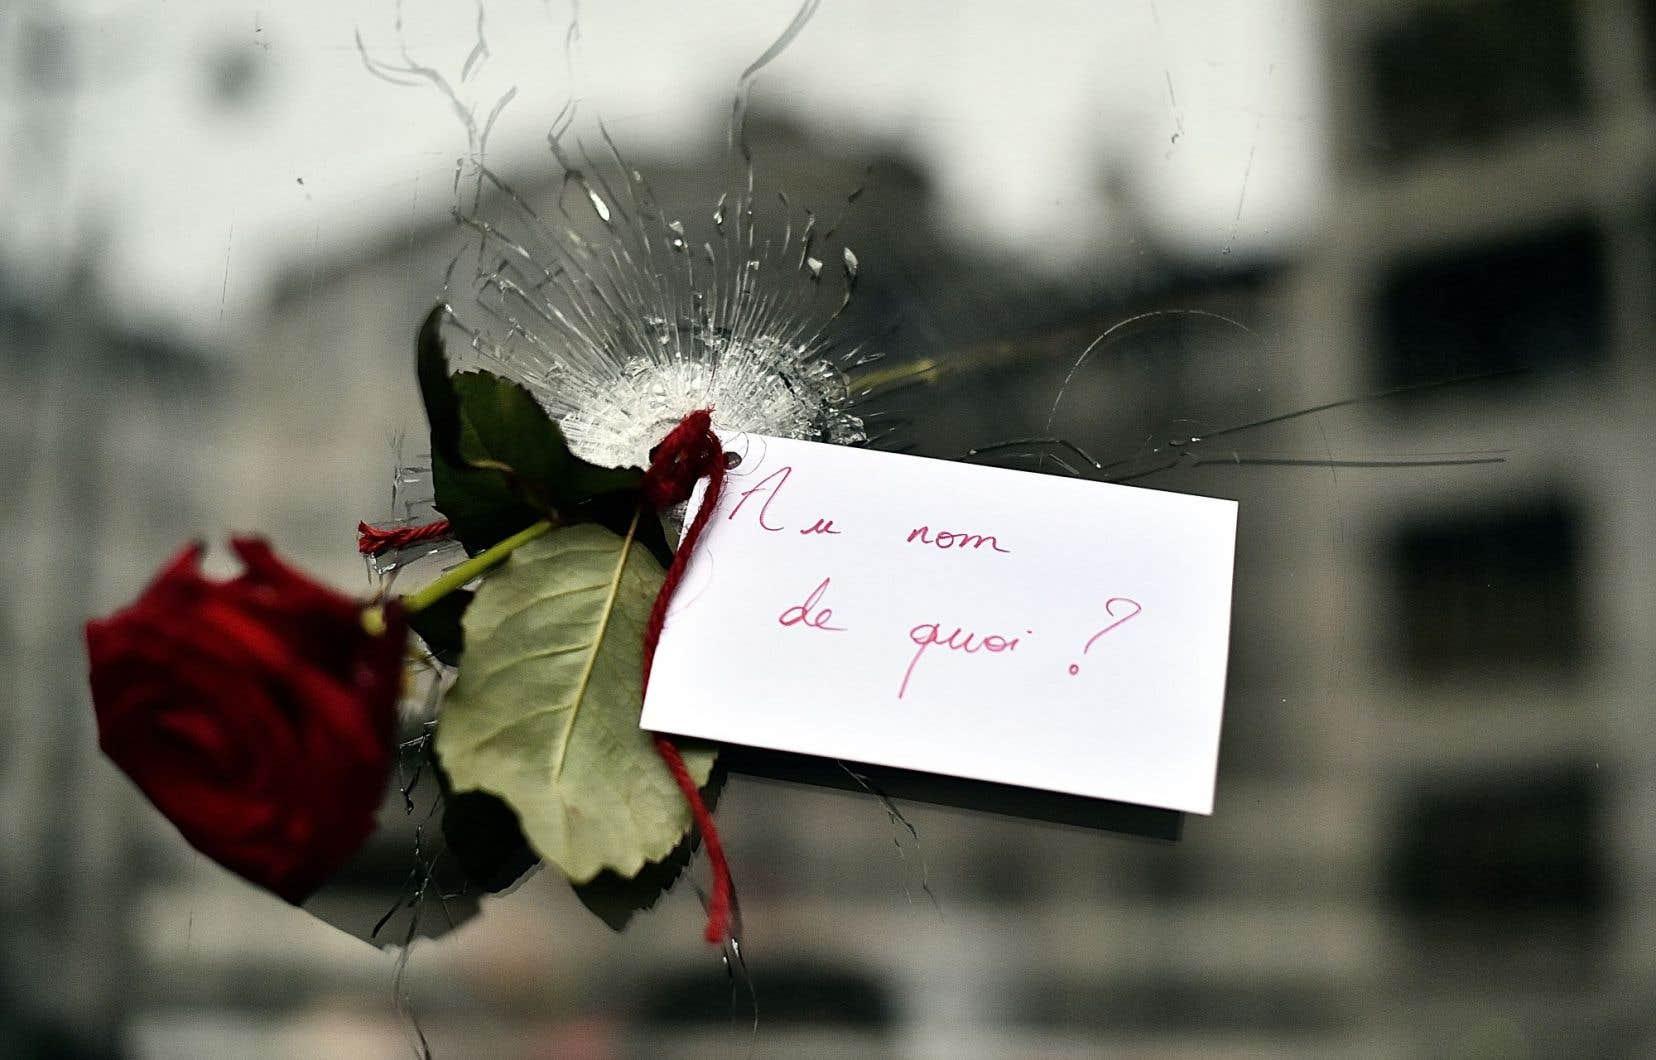 «Au nom de quoi?» lisait-on sur une carte suivant les attentats de novembre dernier à Paris.